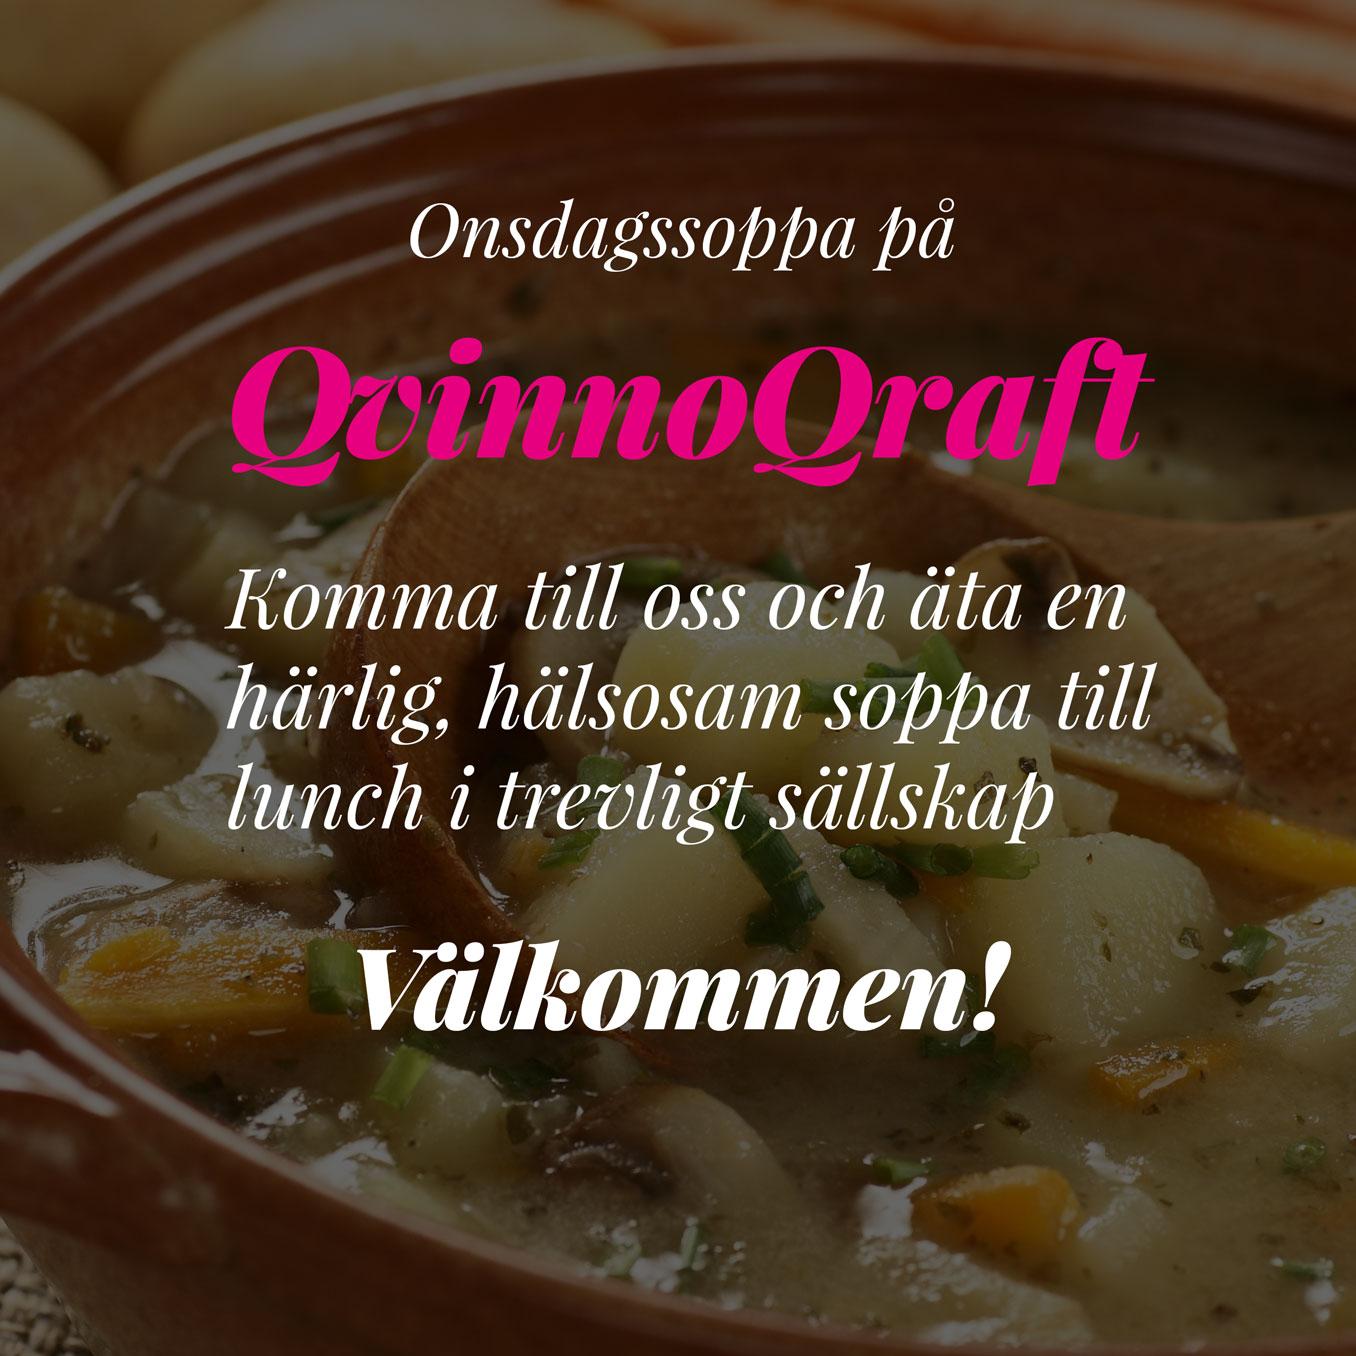 Onsdags soppa på QvinnoQraft